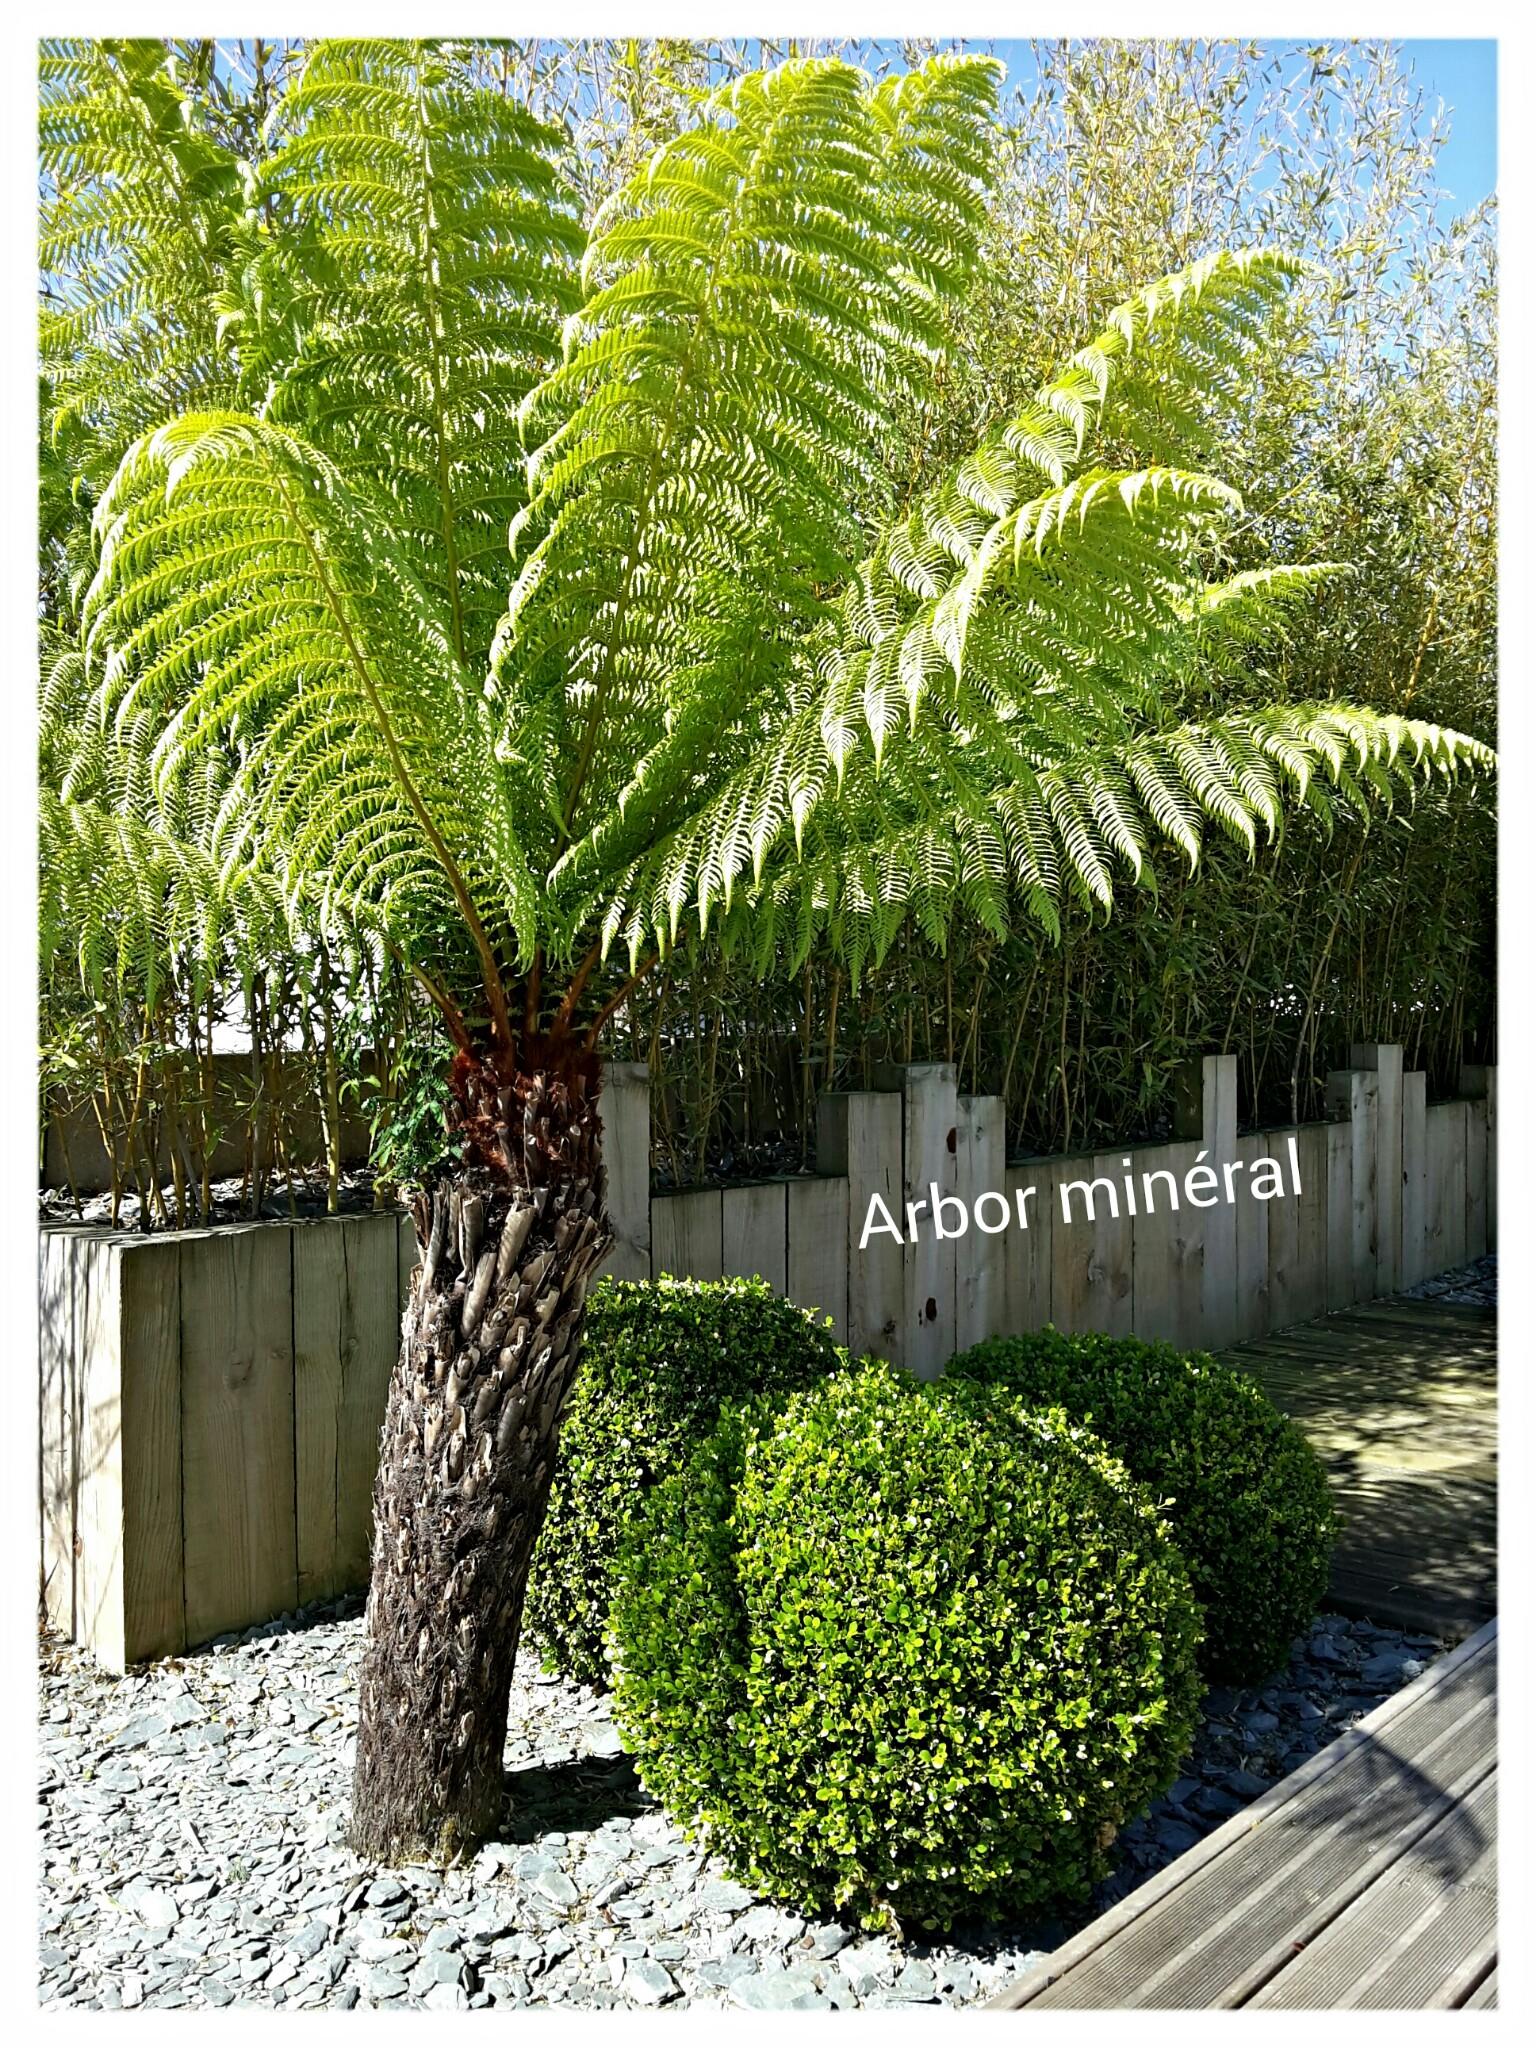 Foug re arborescente vannes paysagiste arbor mineral for Amenagement jardin vannes